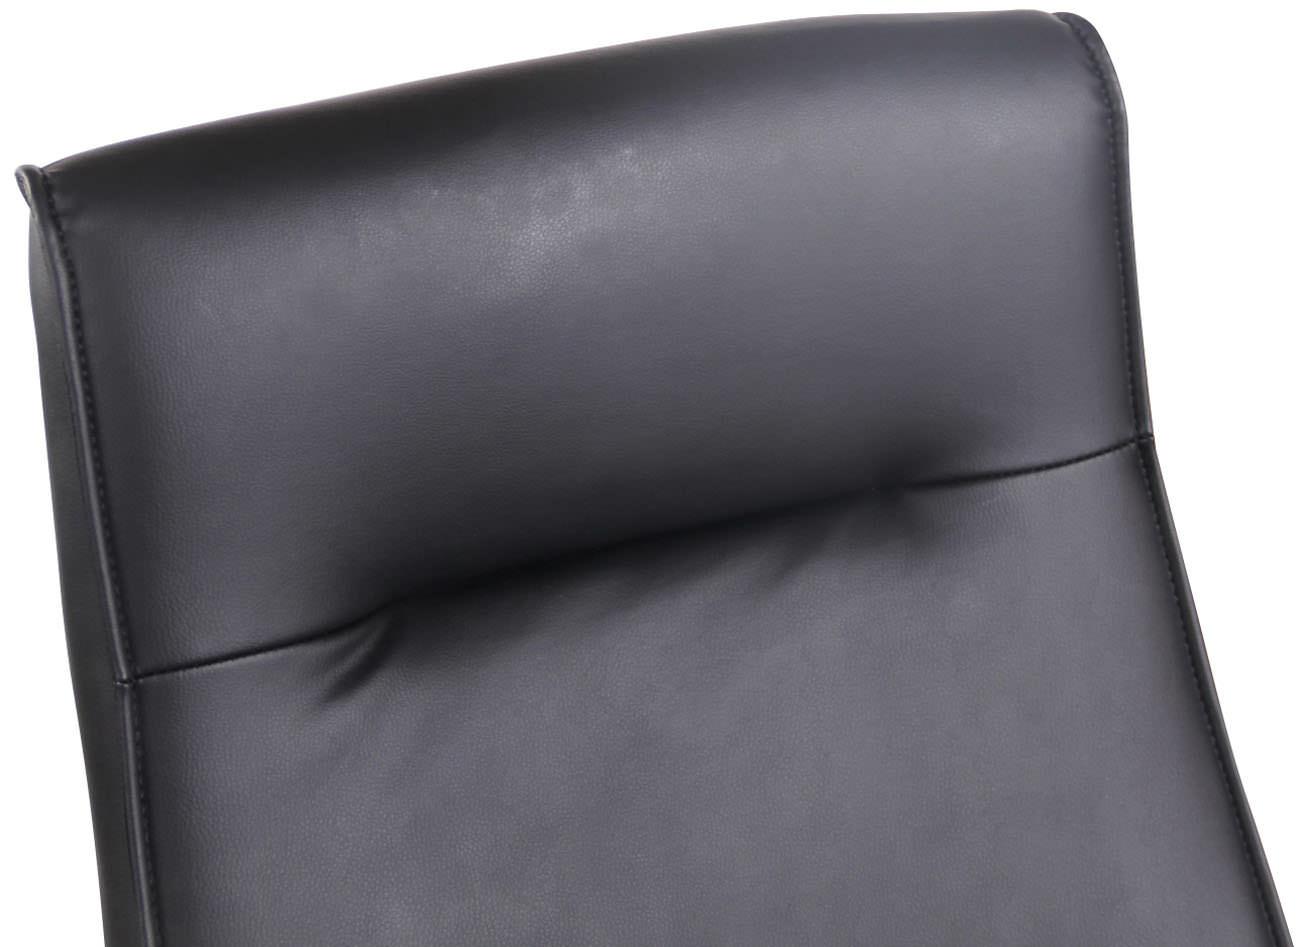 KantoormeubelenPlus Bureaustoel Bryne Kunstleer met Massagefunctie